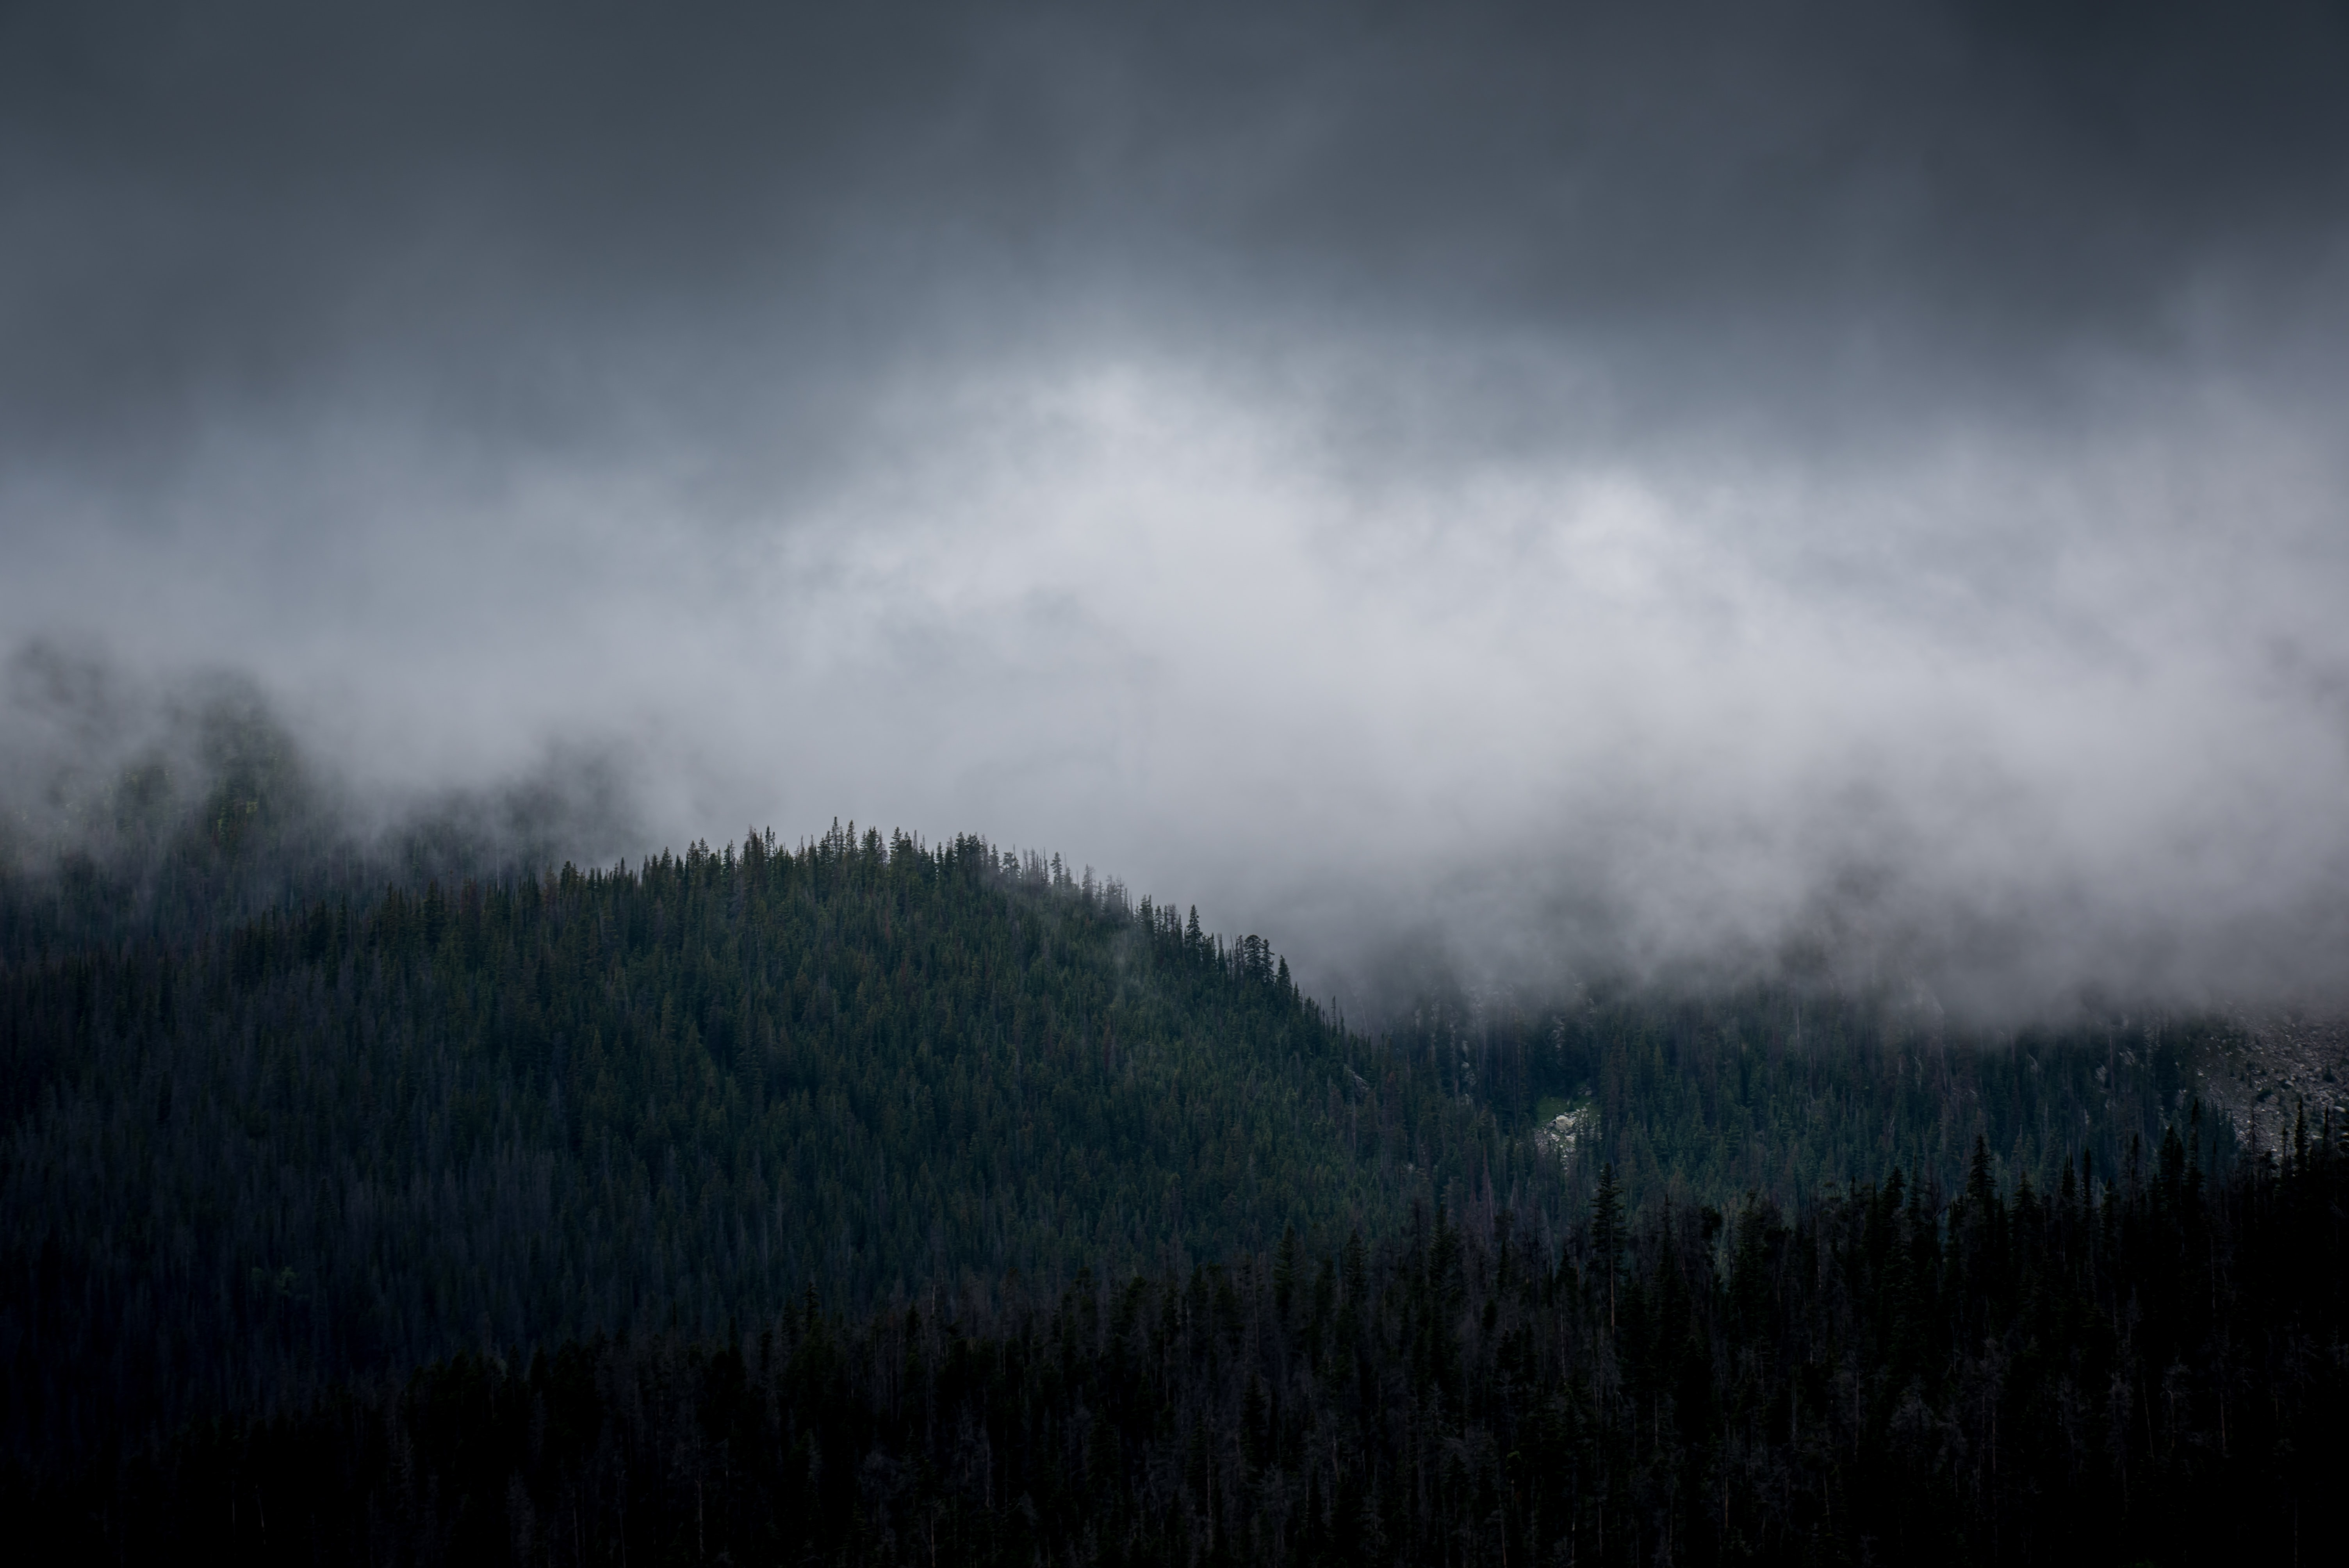 mountain under fog